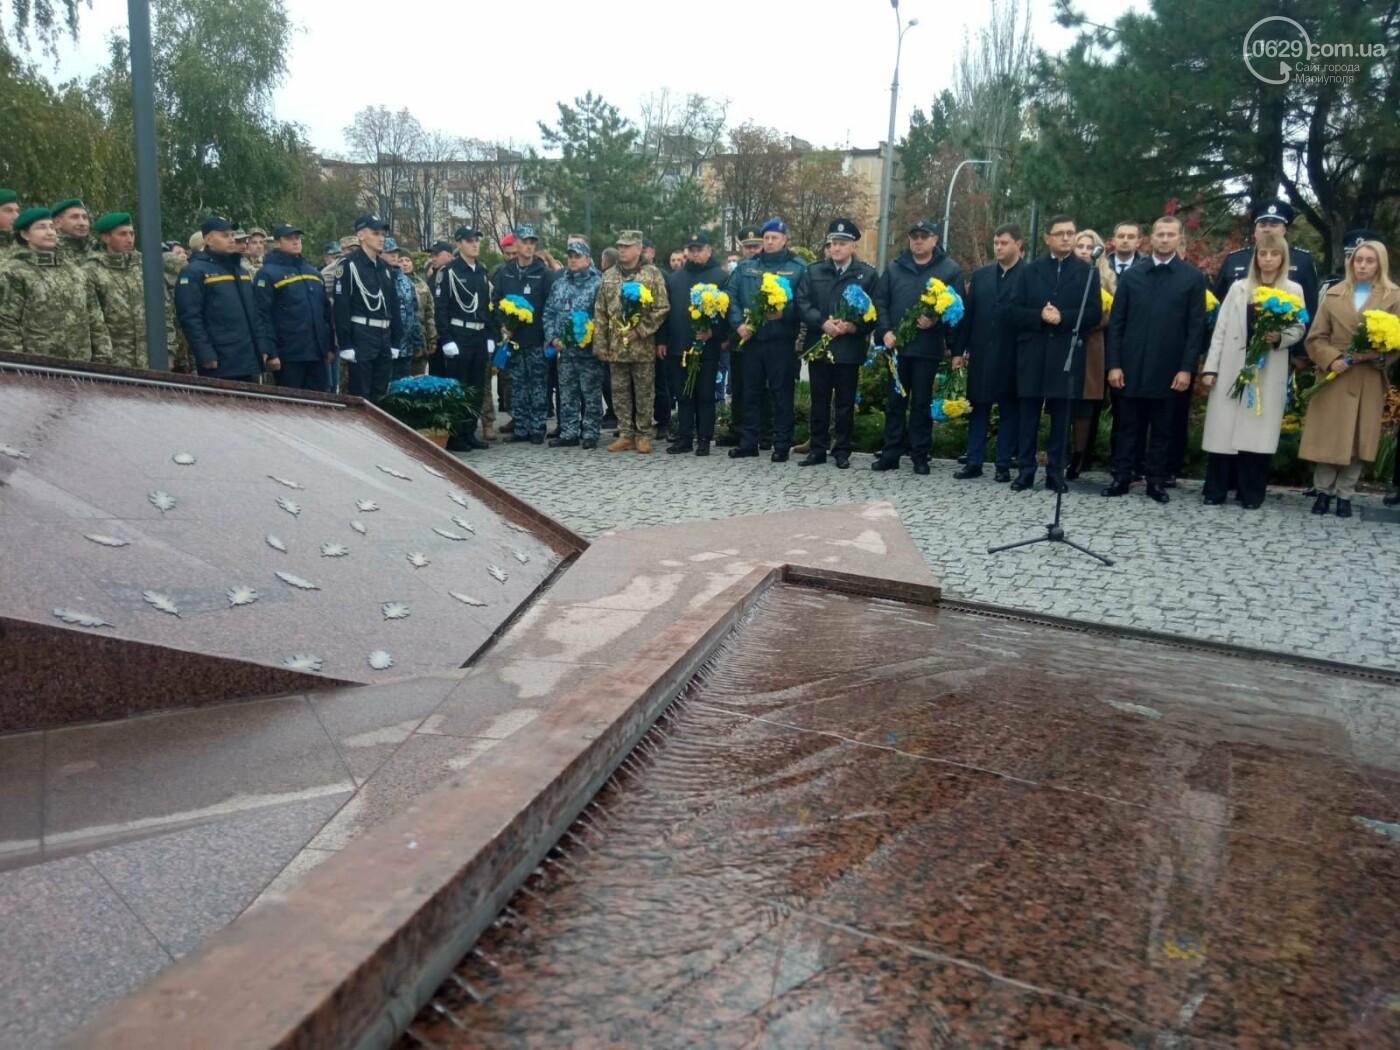 Праздник непокоренных. В Мариуполе поздравили защитников и защитниц Украины, - ФОТОРЕПОРТАЖ, фото-1